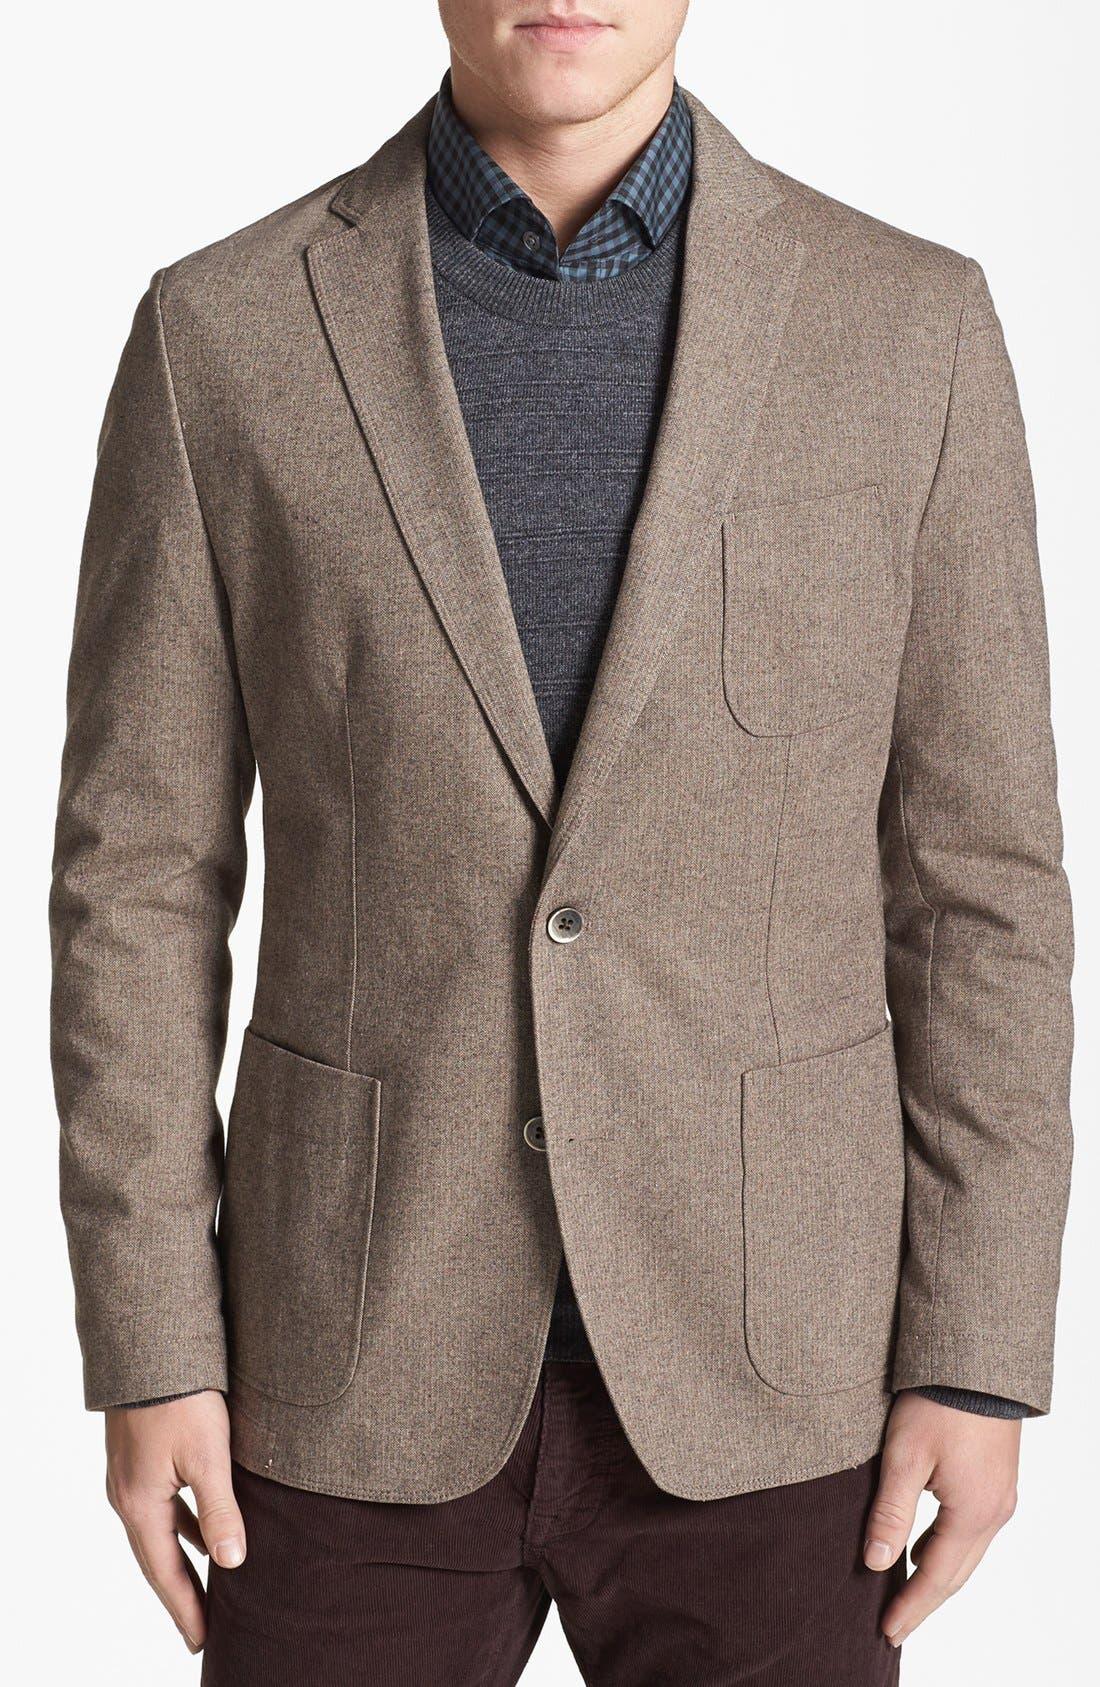 Alternate Image 1 Selected - BOSS HUGO BOSS 'Morell' Sportcoat